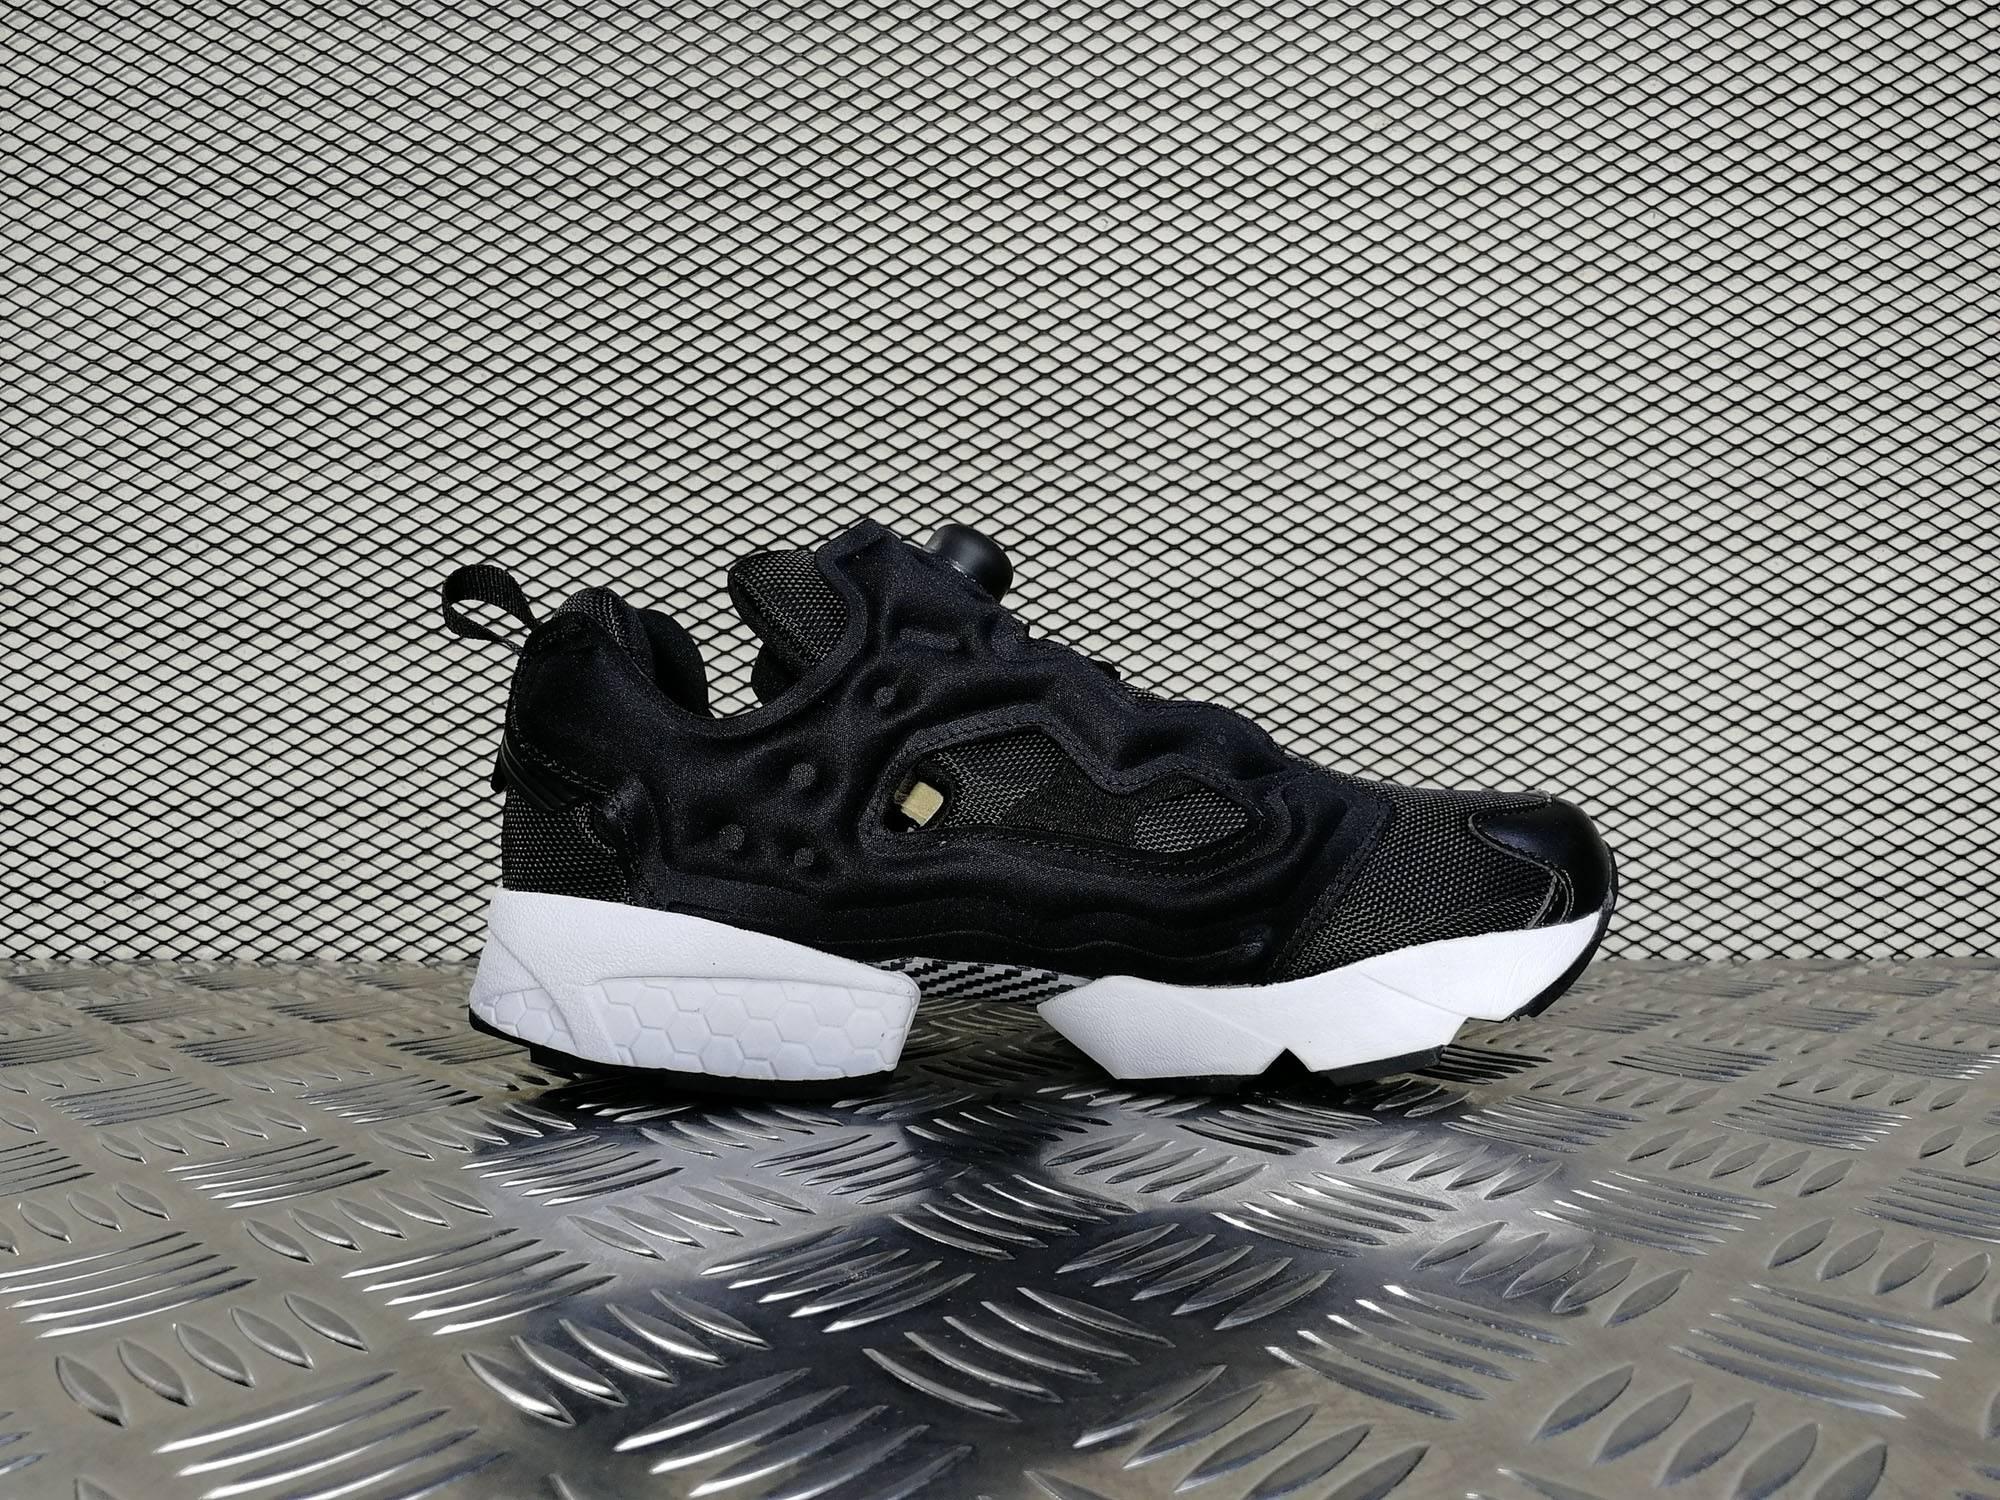 Купить мужские кроссовки Reebok Instapump Fury OG Black   White в ... c0f282b24317a